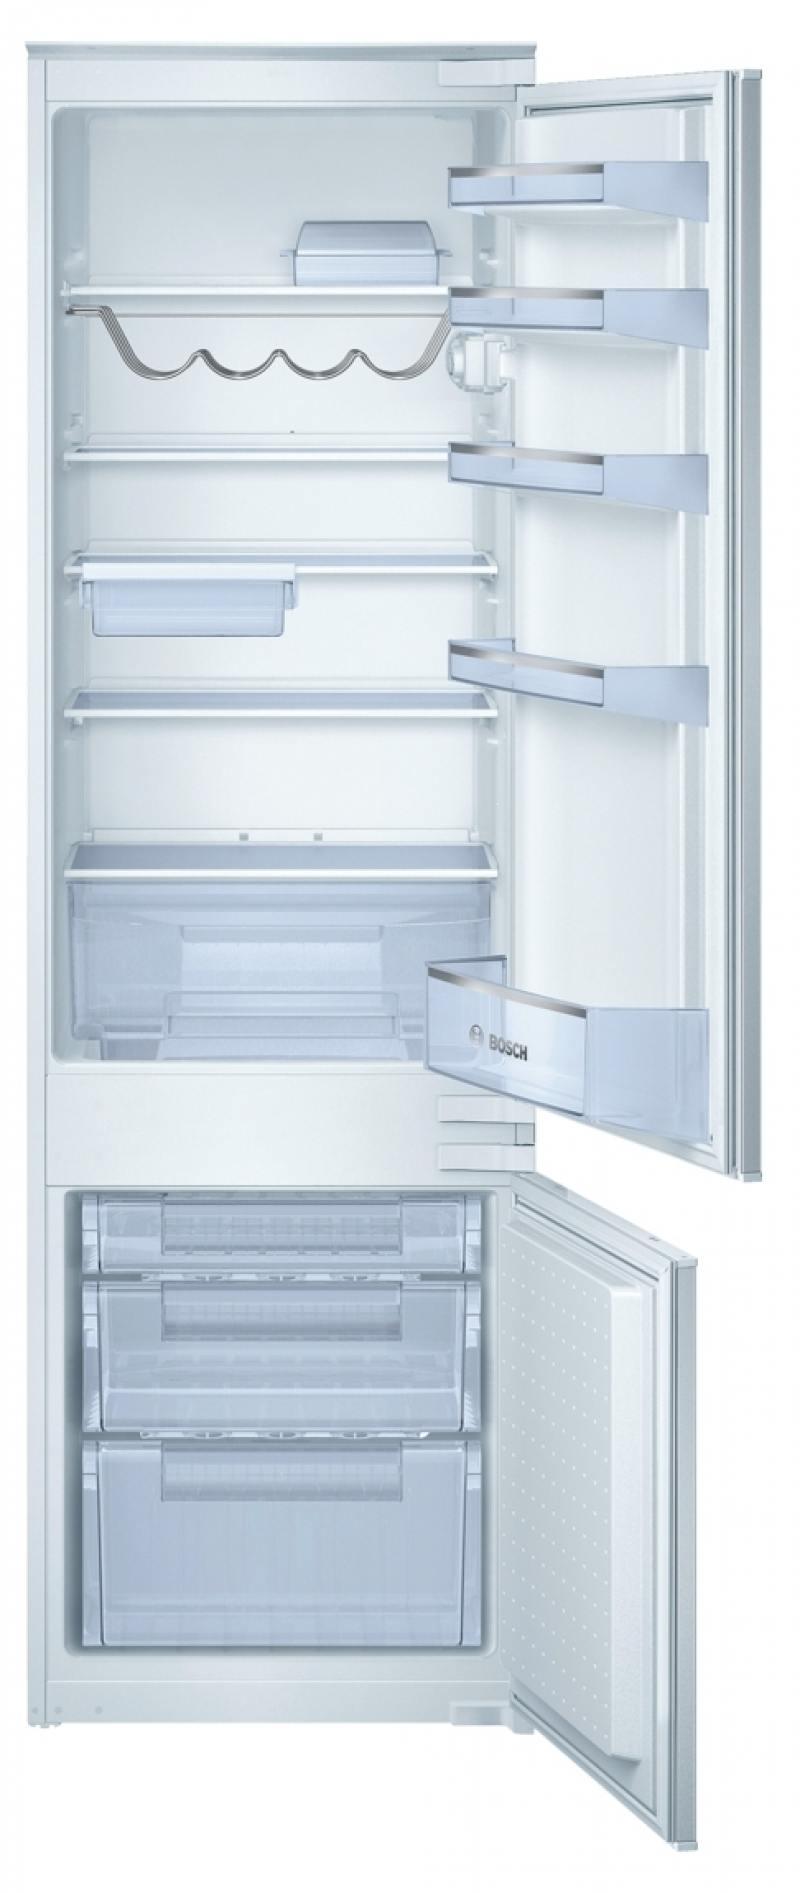 Встраиваемый холодильник Bosch KIV38X20RU встраиваемый холодильник bosch kur 15a50